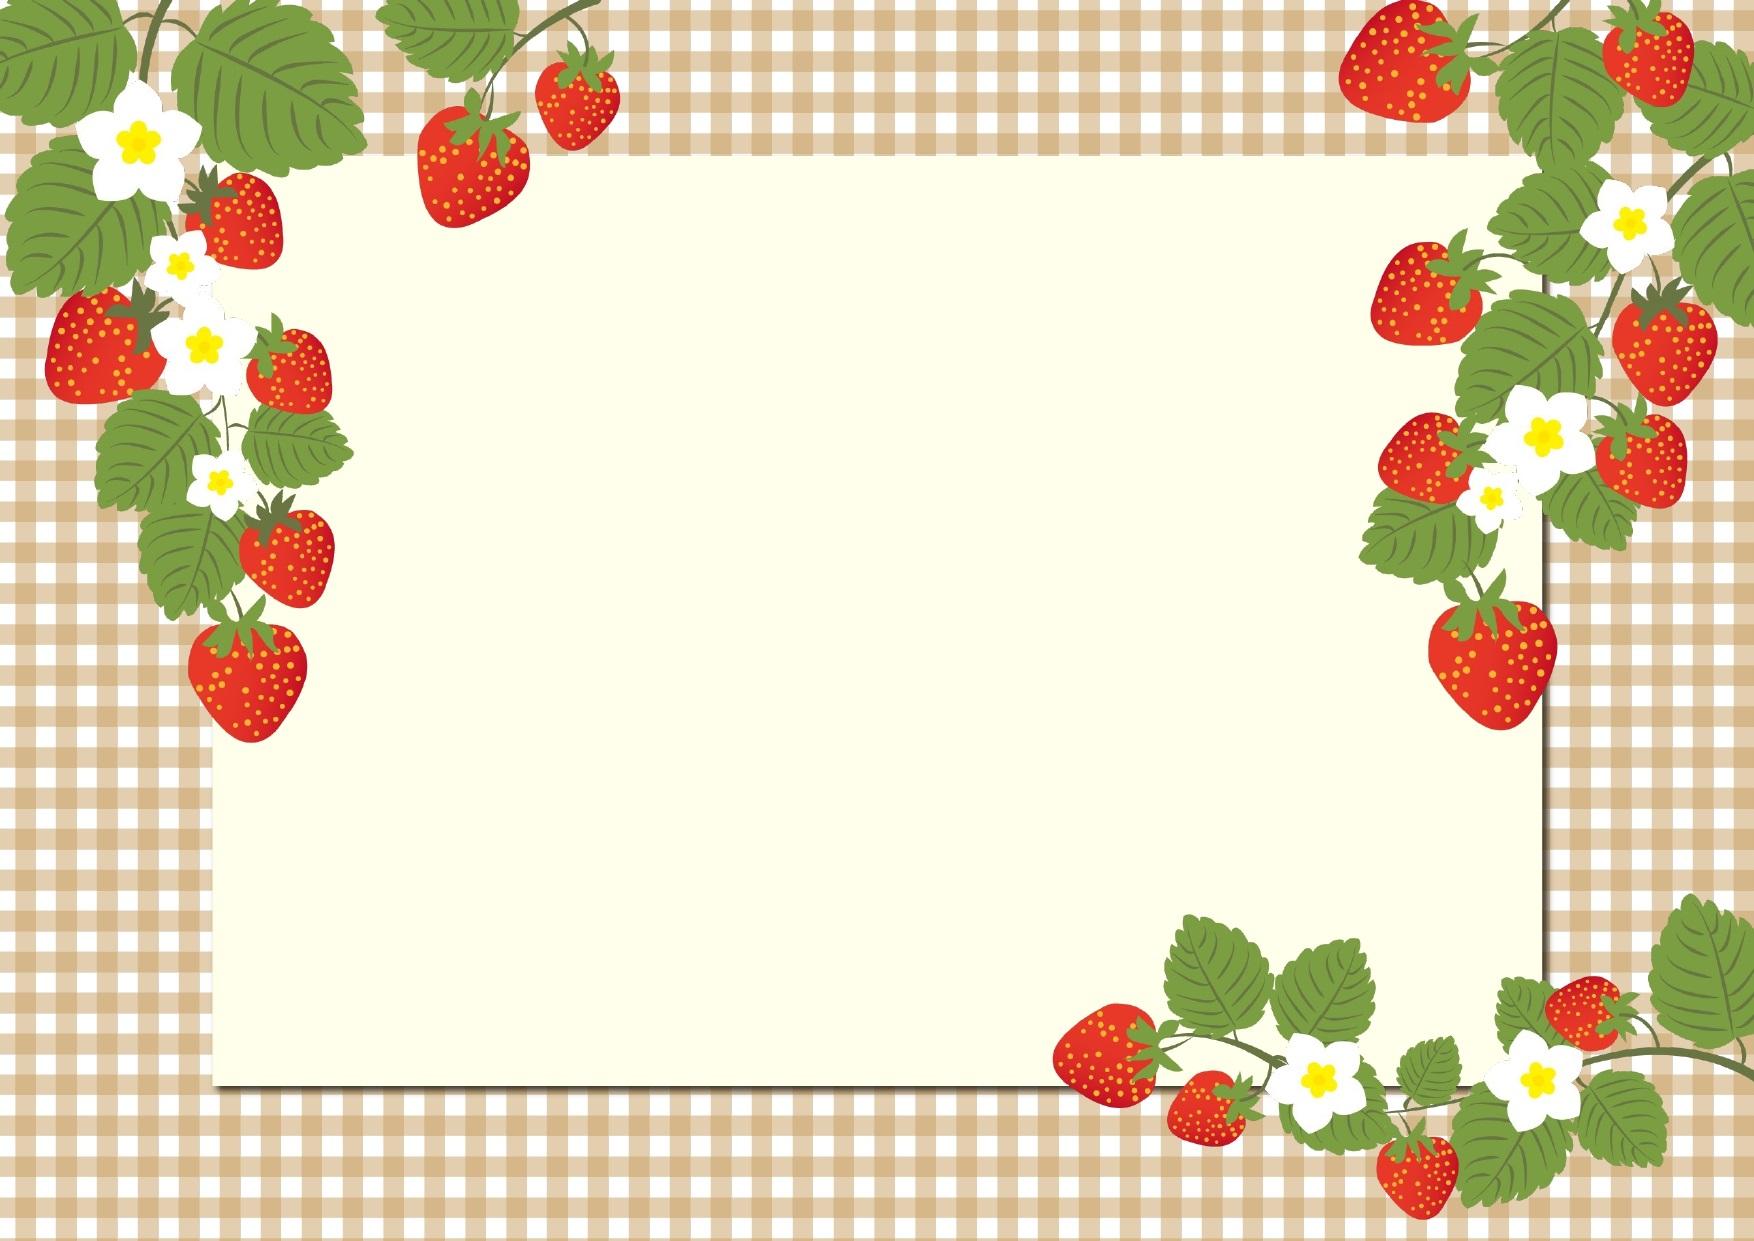 手書き風でおしゃれな いちご 苺の花の無料イラストフレーム素材 無料ダウンロード テンプレルン